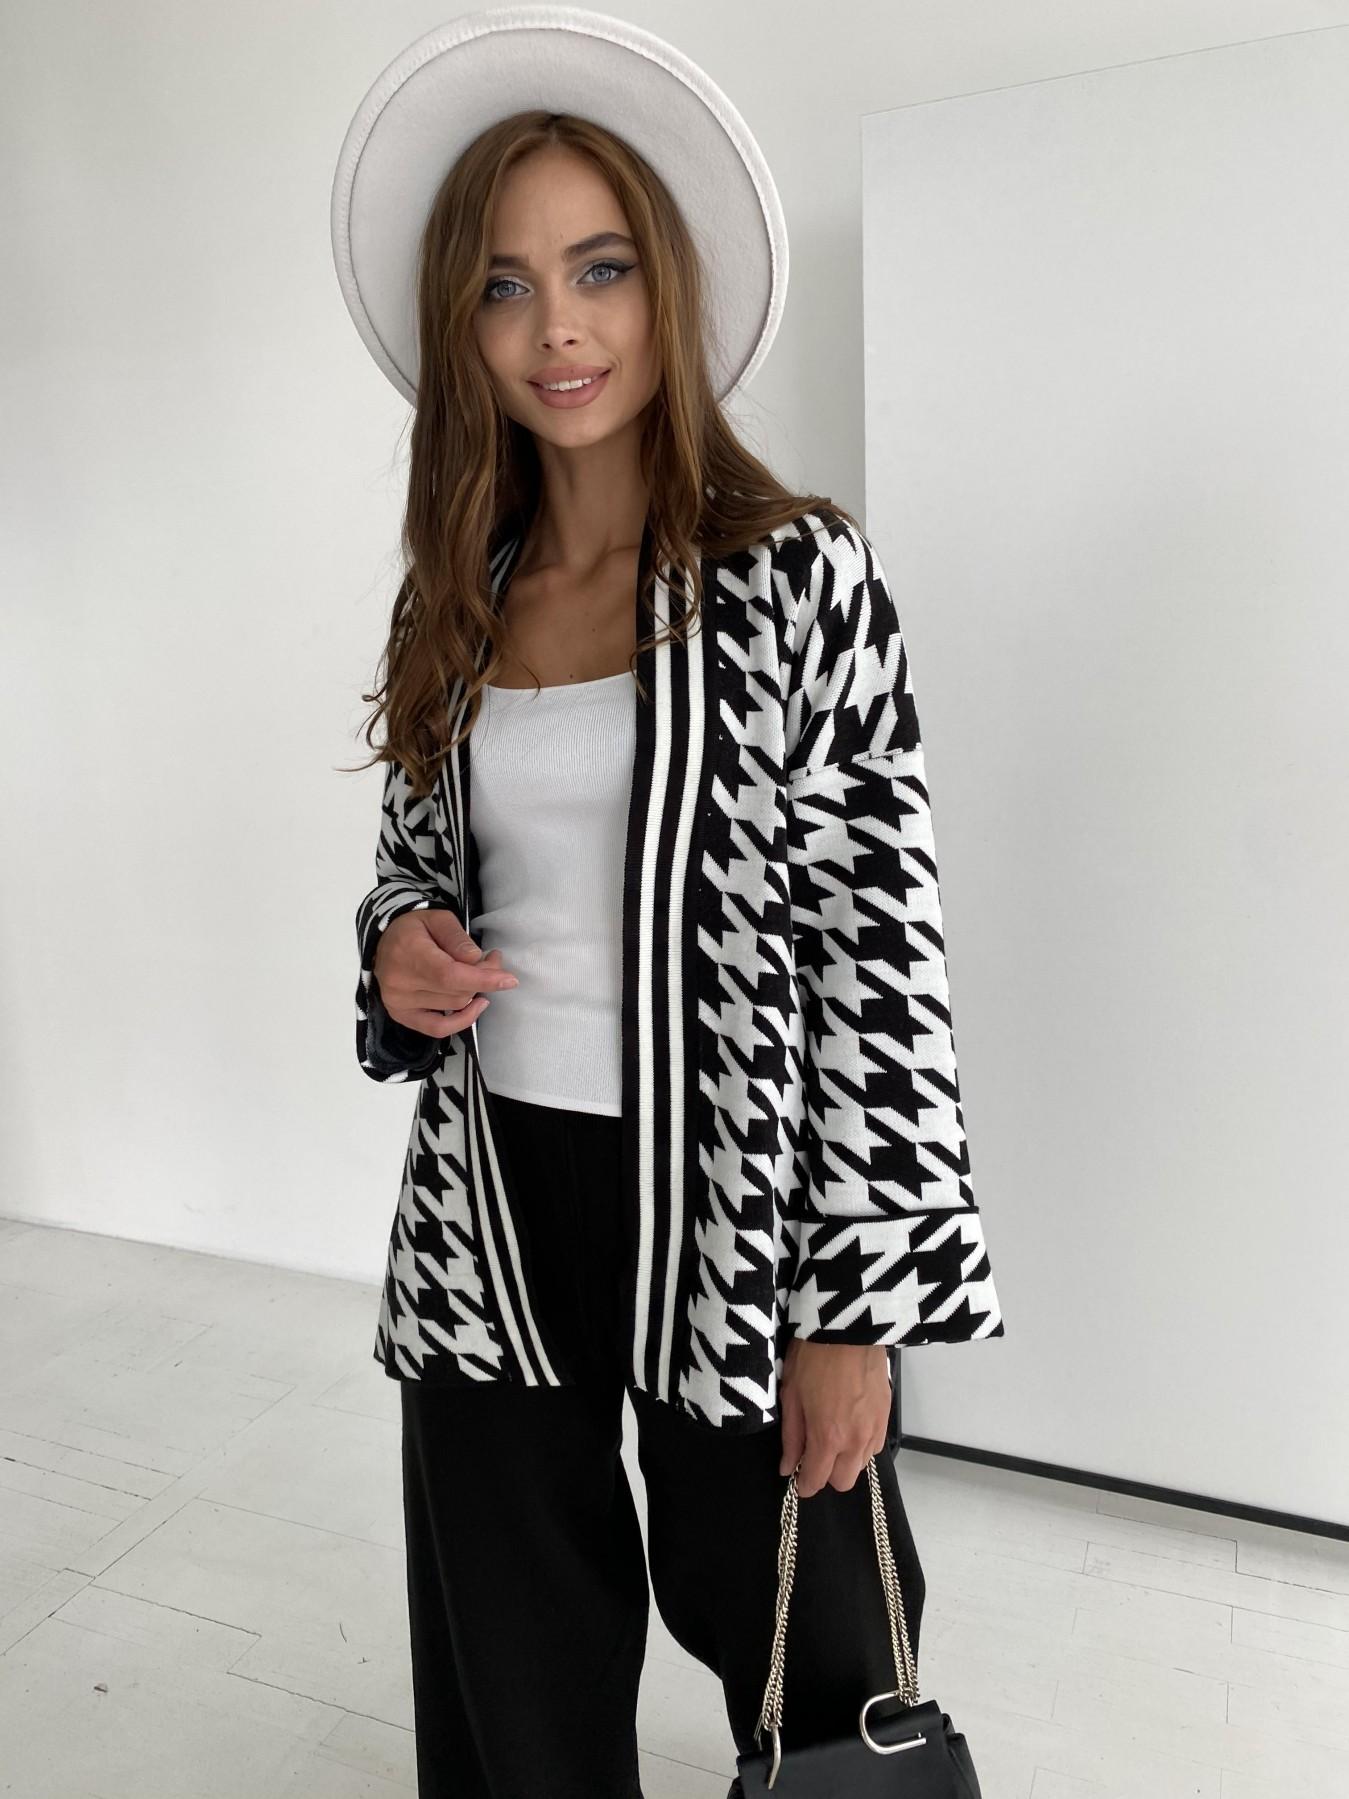 Вязаный трикотажный костюм 91281 АРТ. 48583 Цвет: Черный/Молоко - фото 1, интернет магазин tm-modus.ru